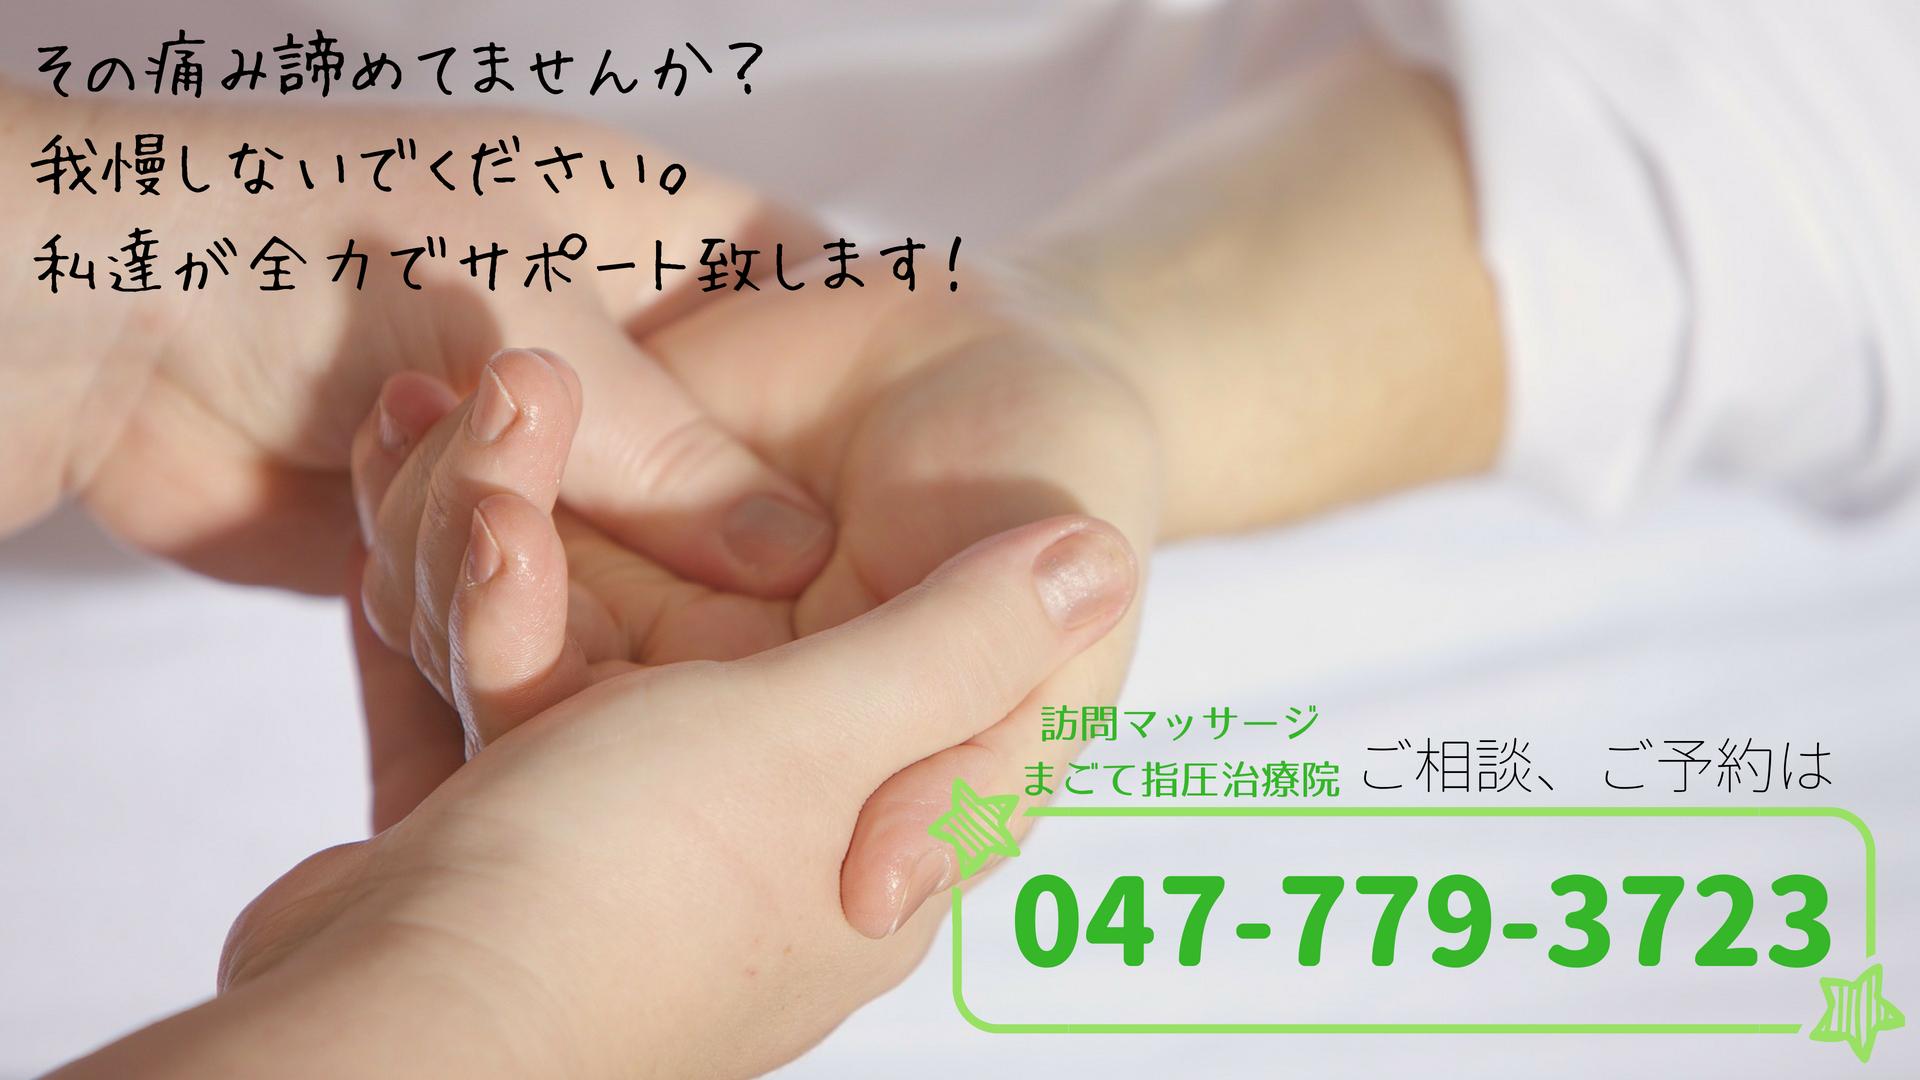 まごて指圧治療院1